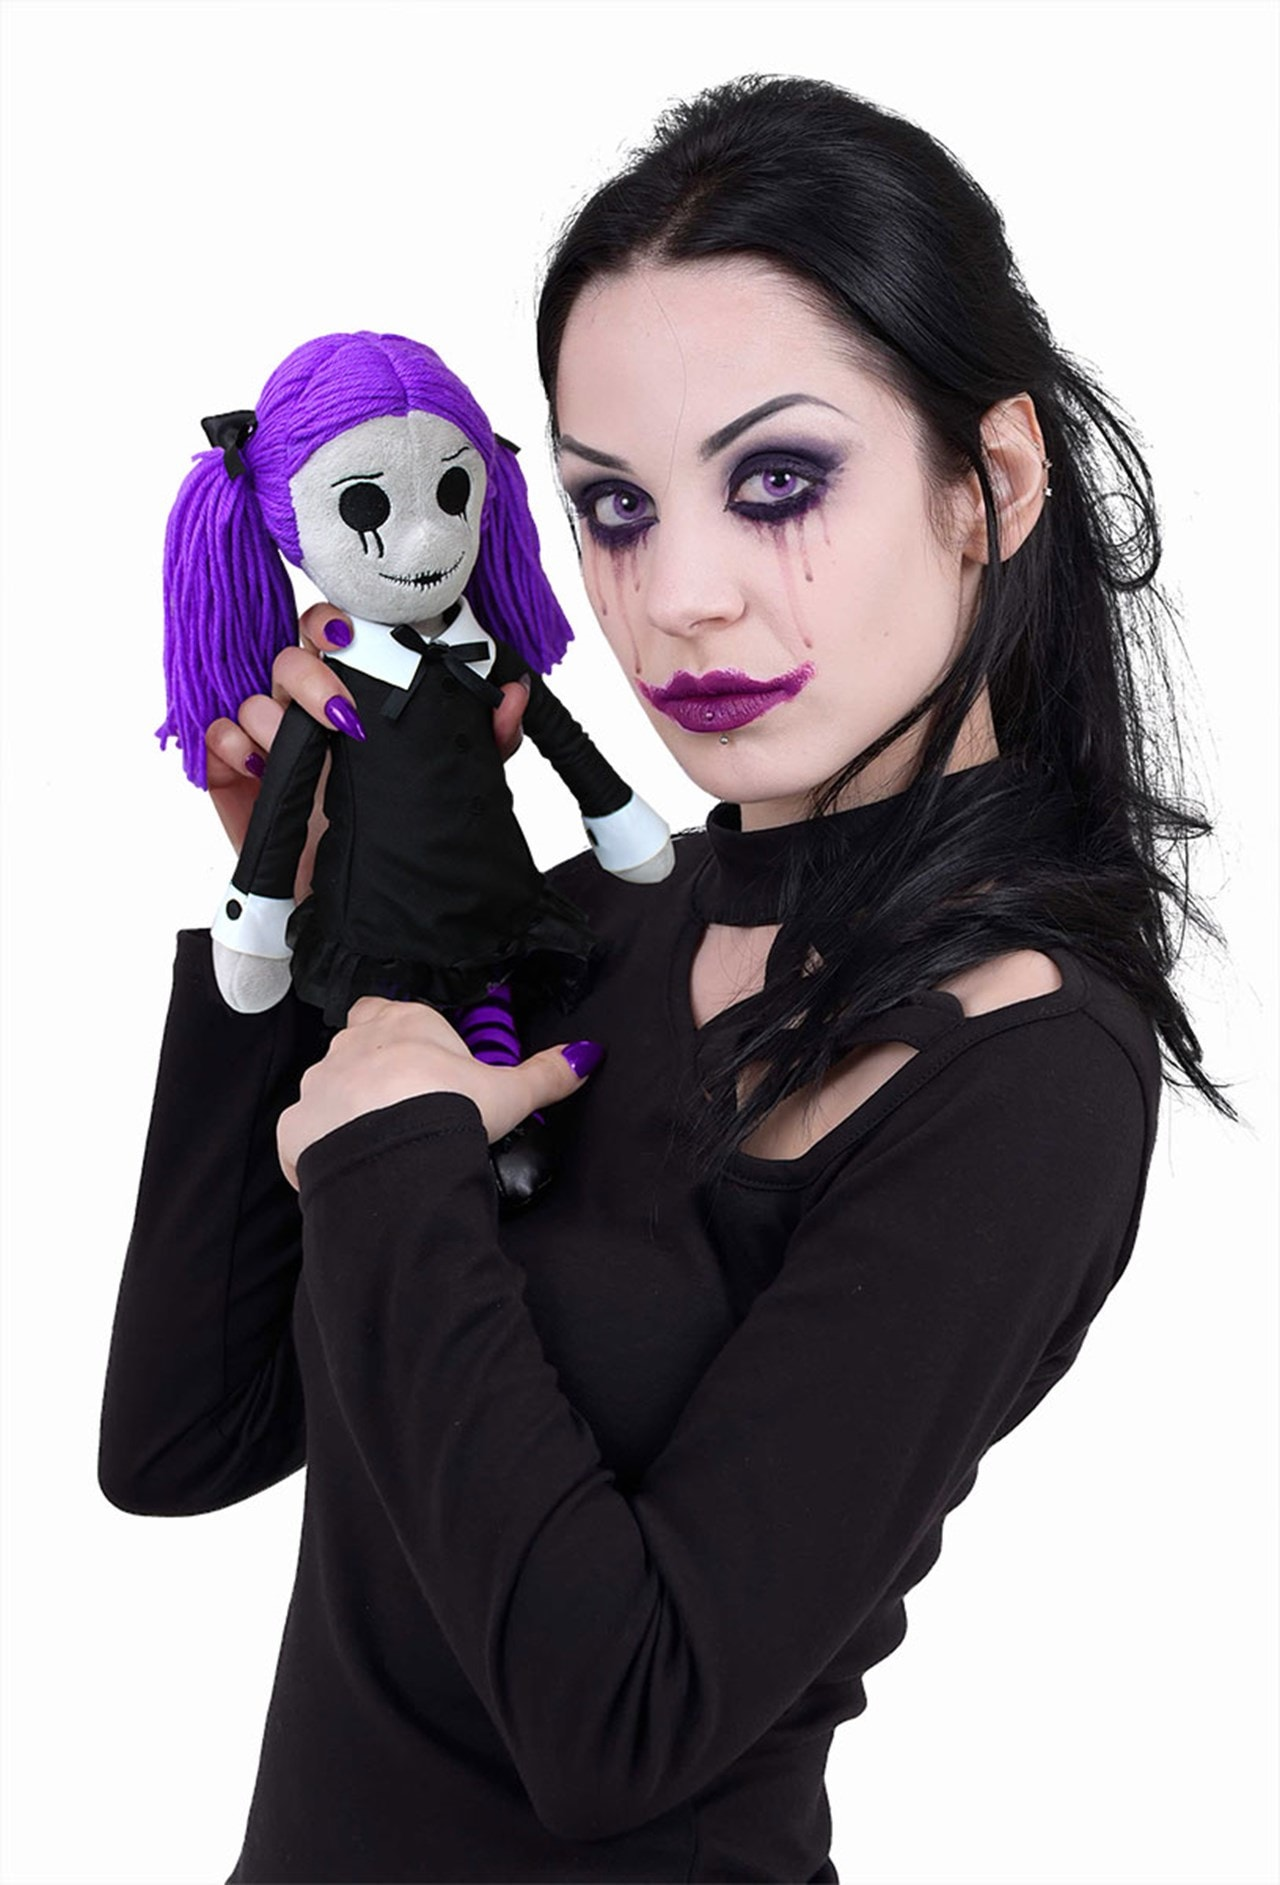 Viola: The Goth Rag Doll - 4